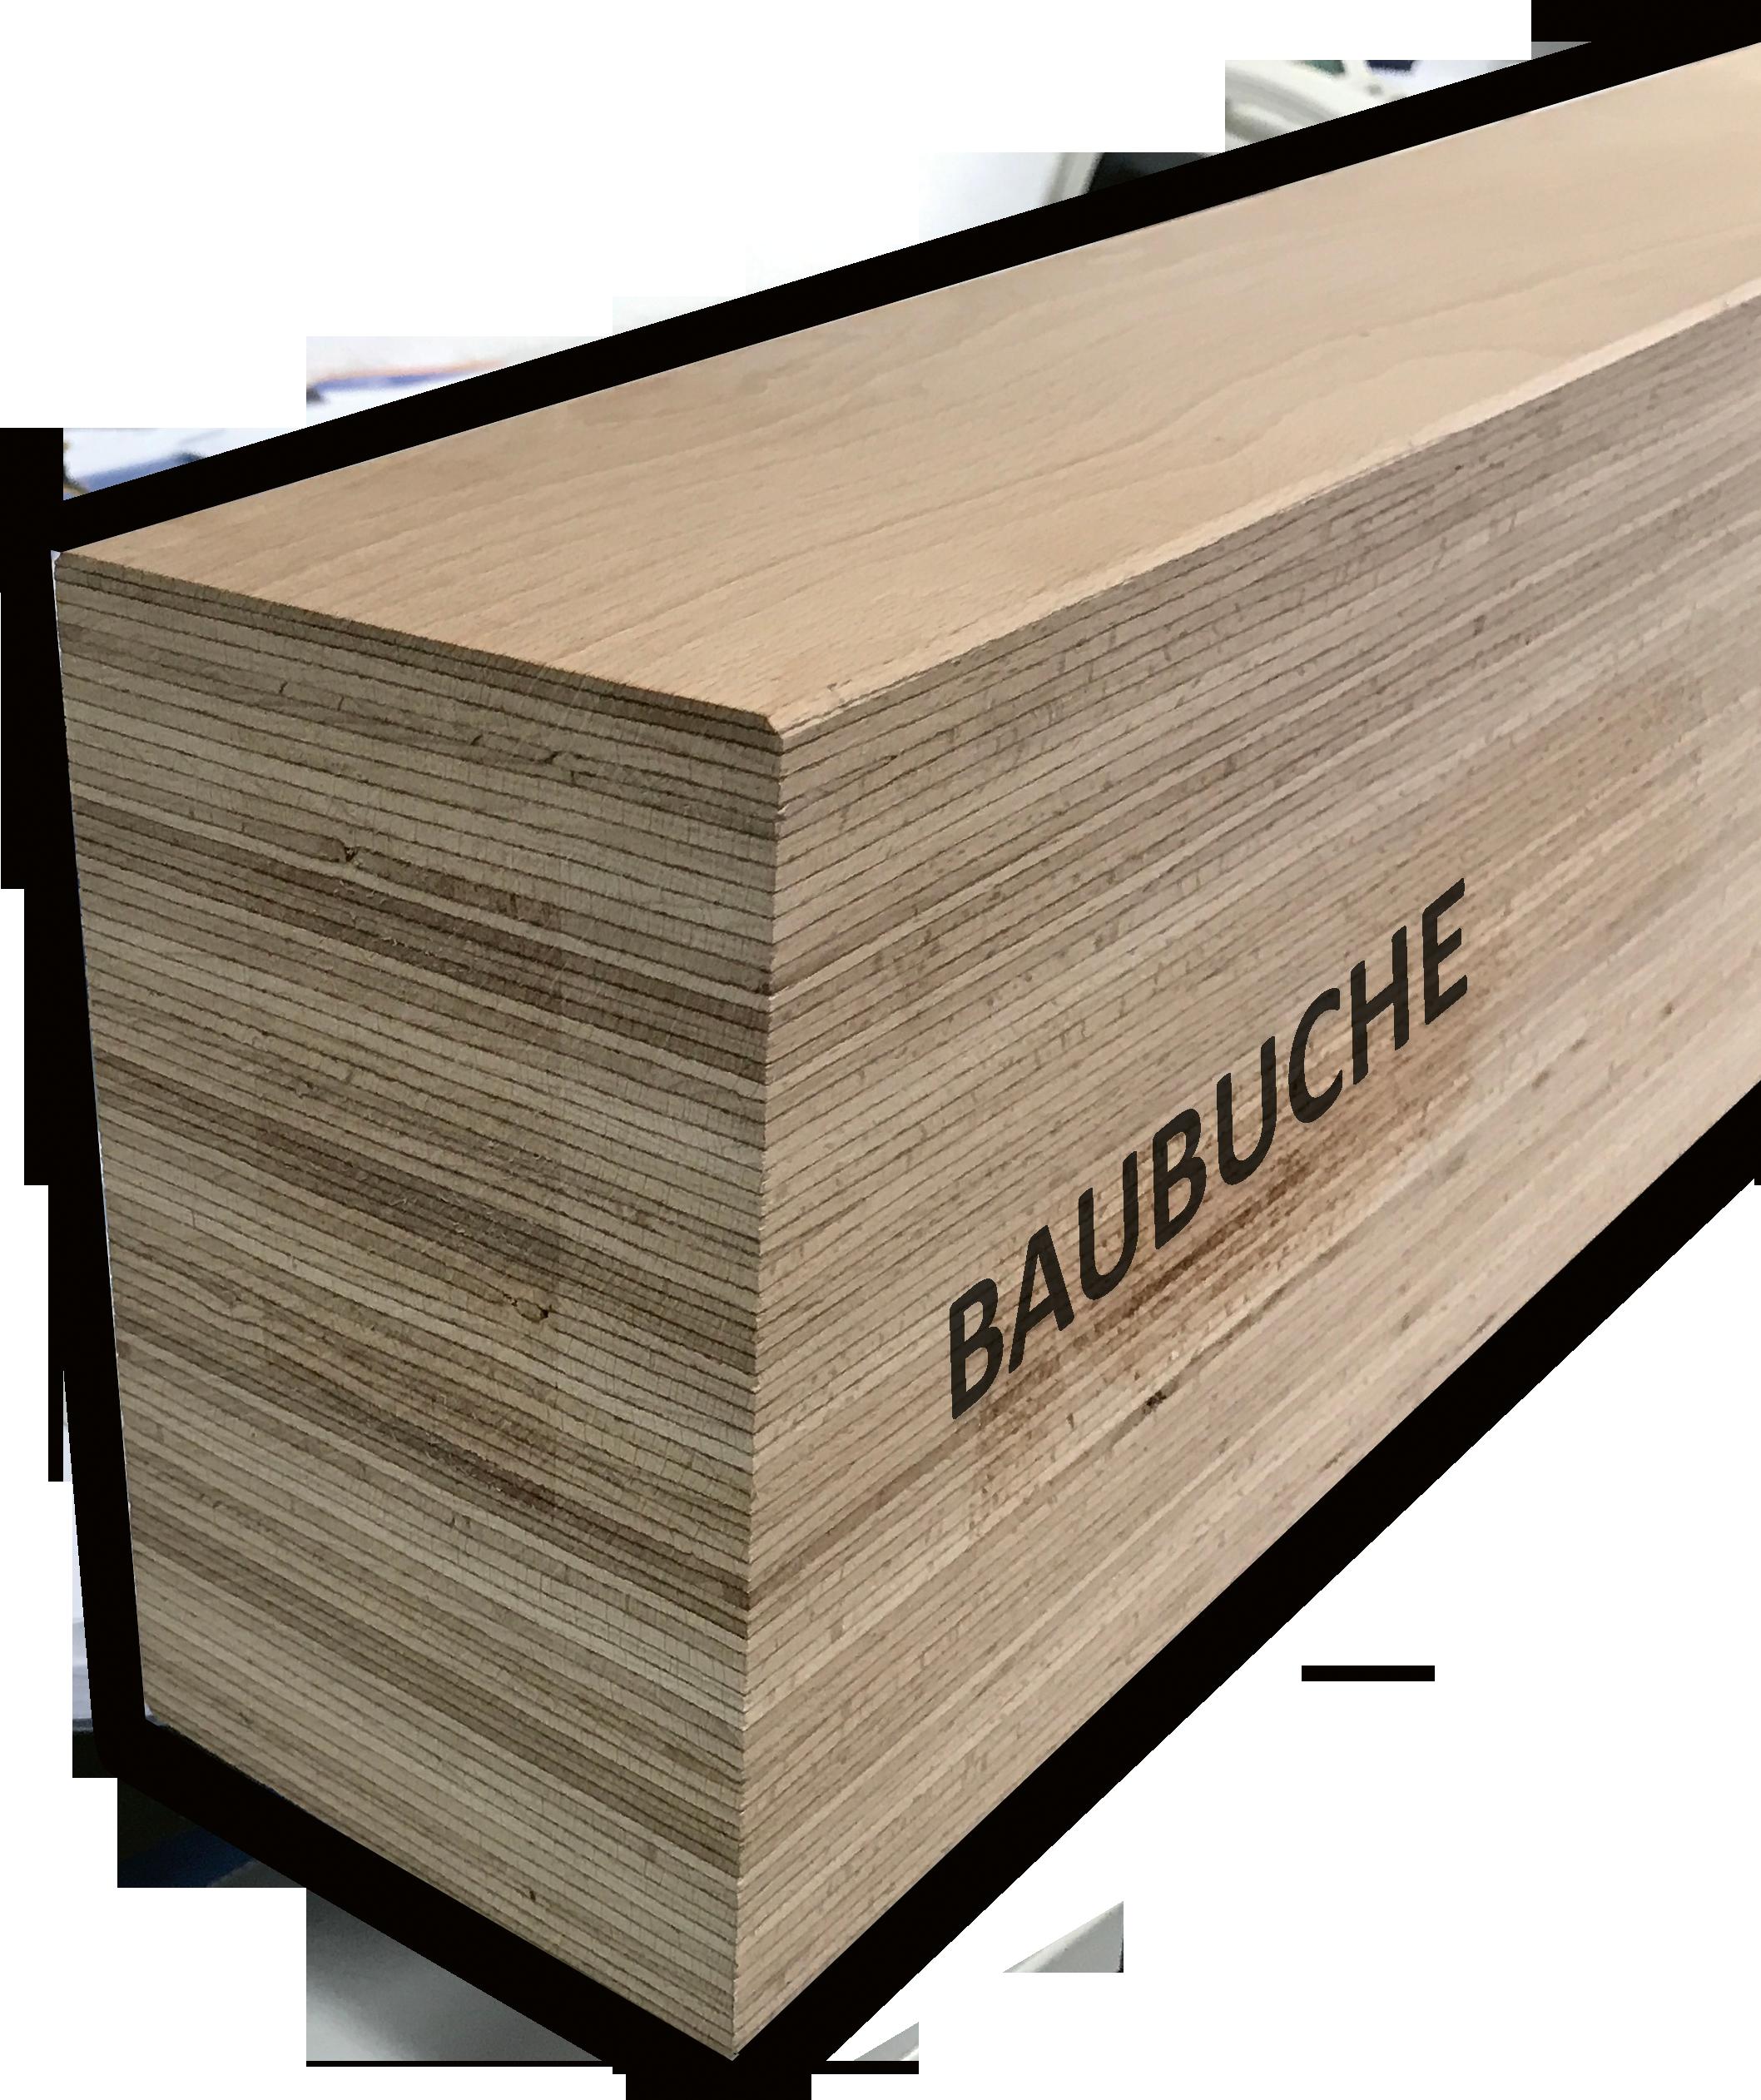 Baubuche